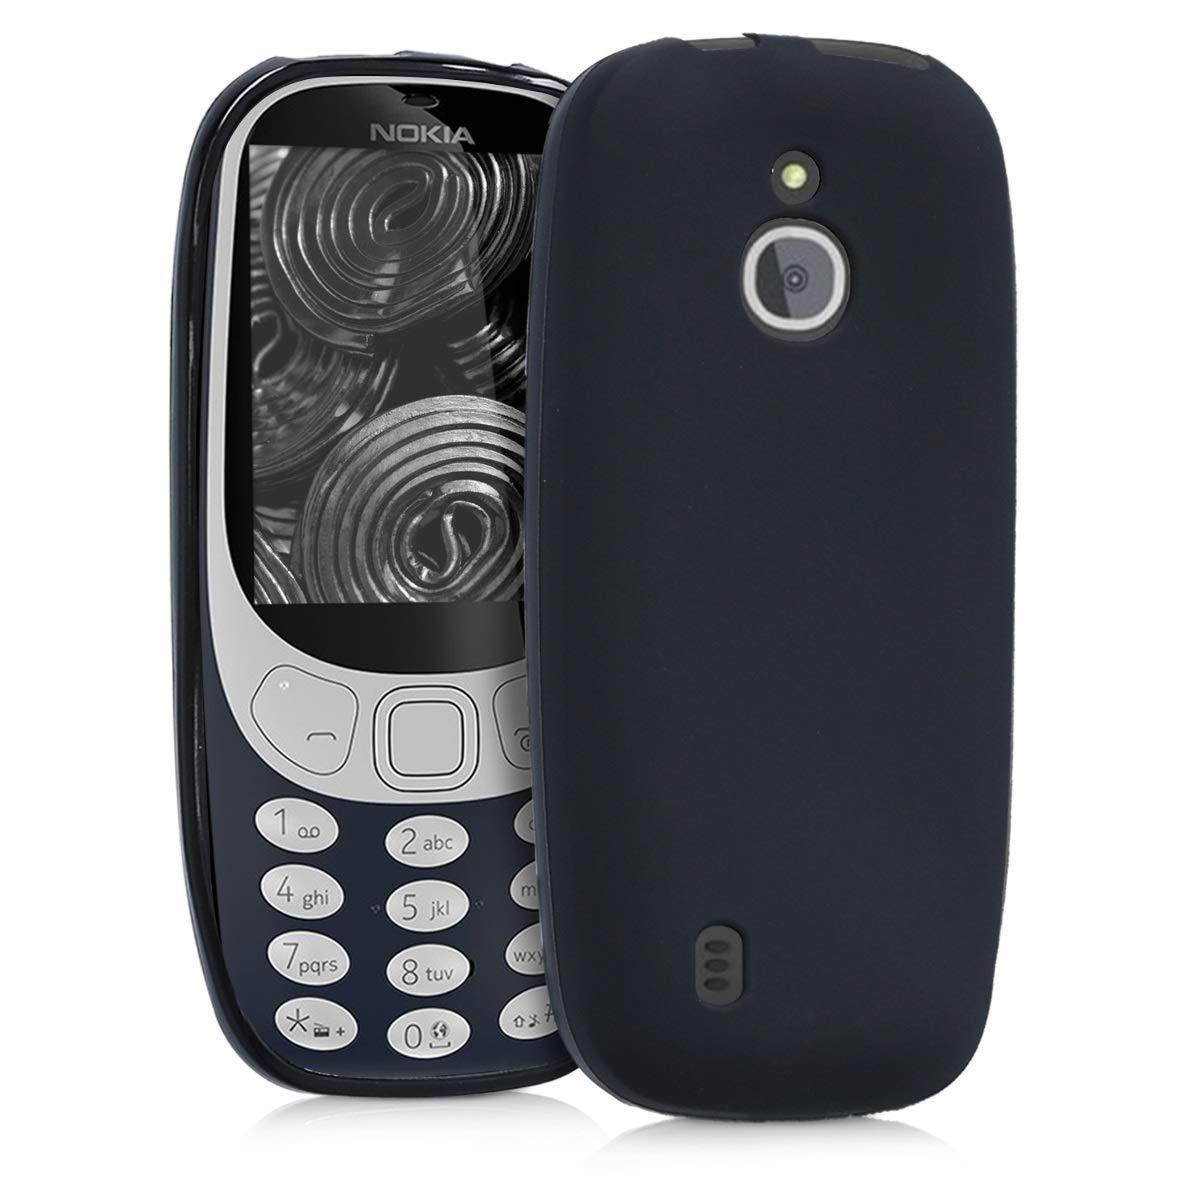 KW Θήκη Σιλικόνης Nokia 3310 3G 2017 / 4G 2018 - Black Matte (44430.47)